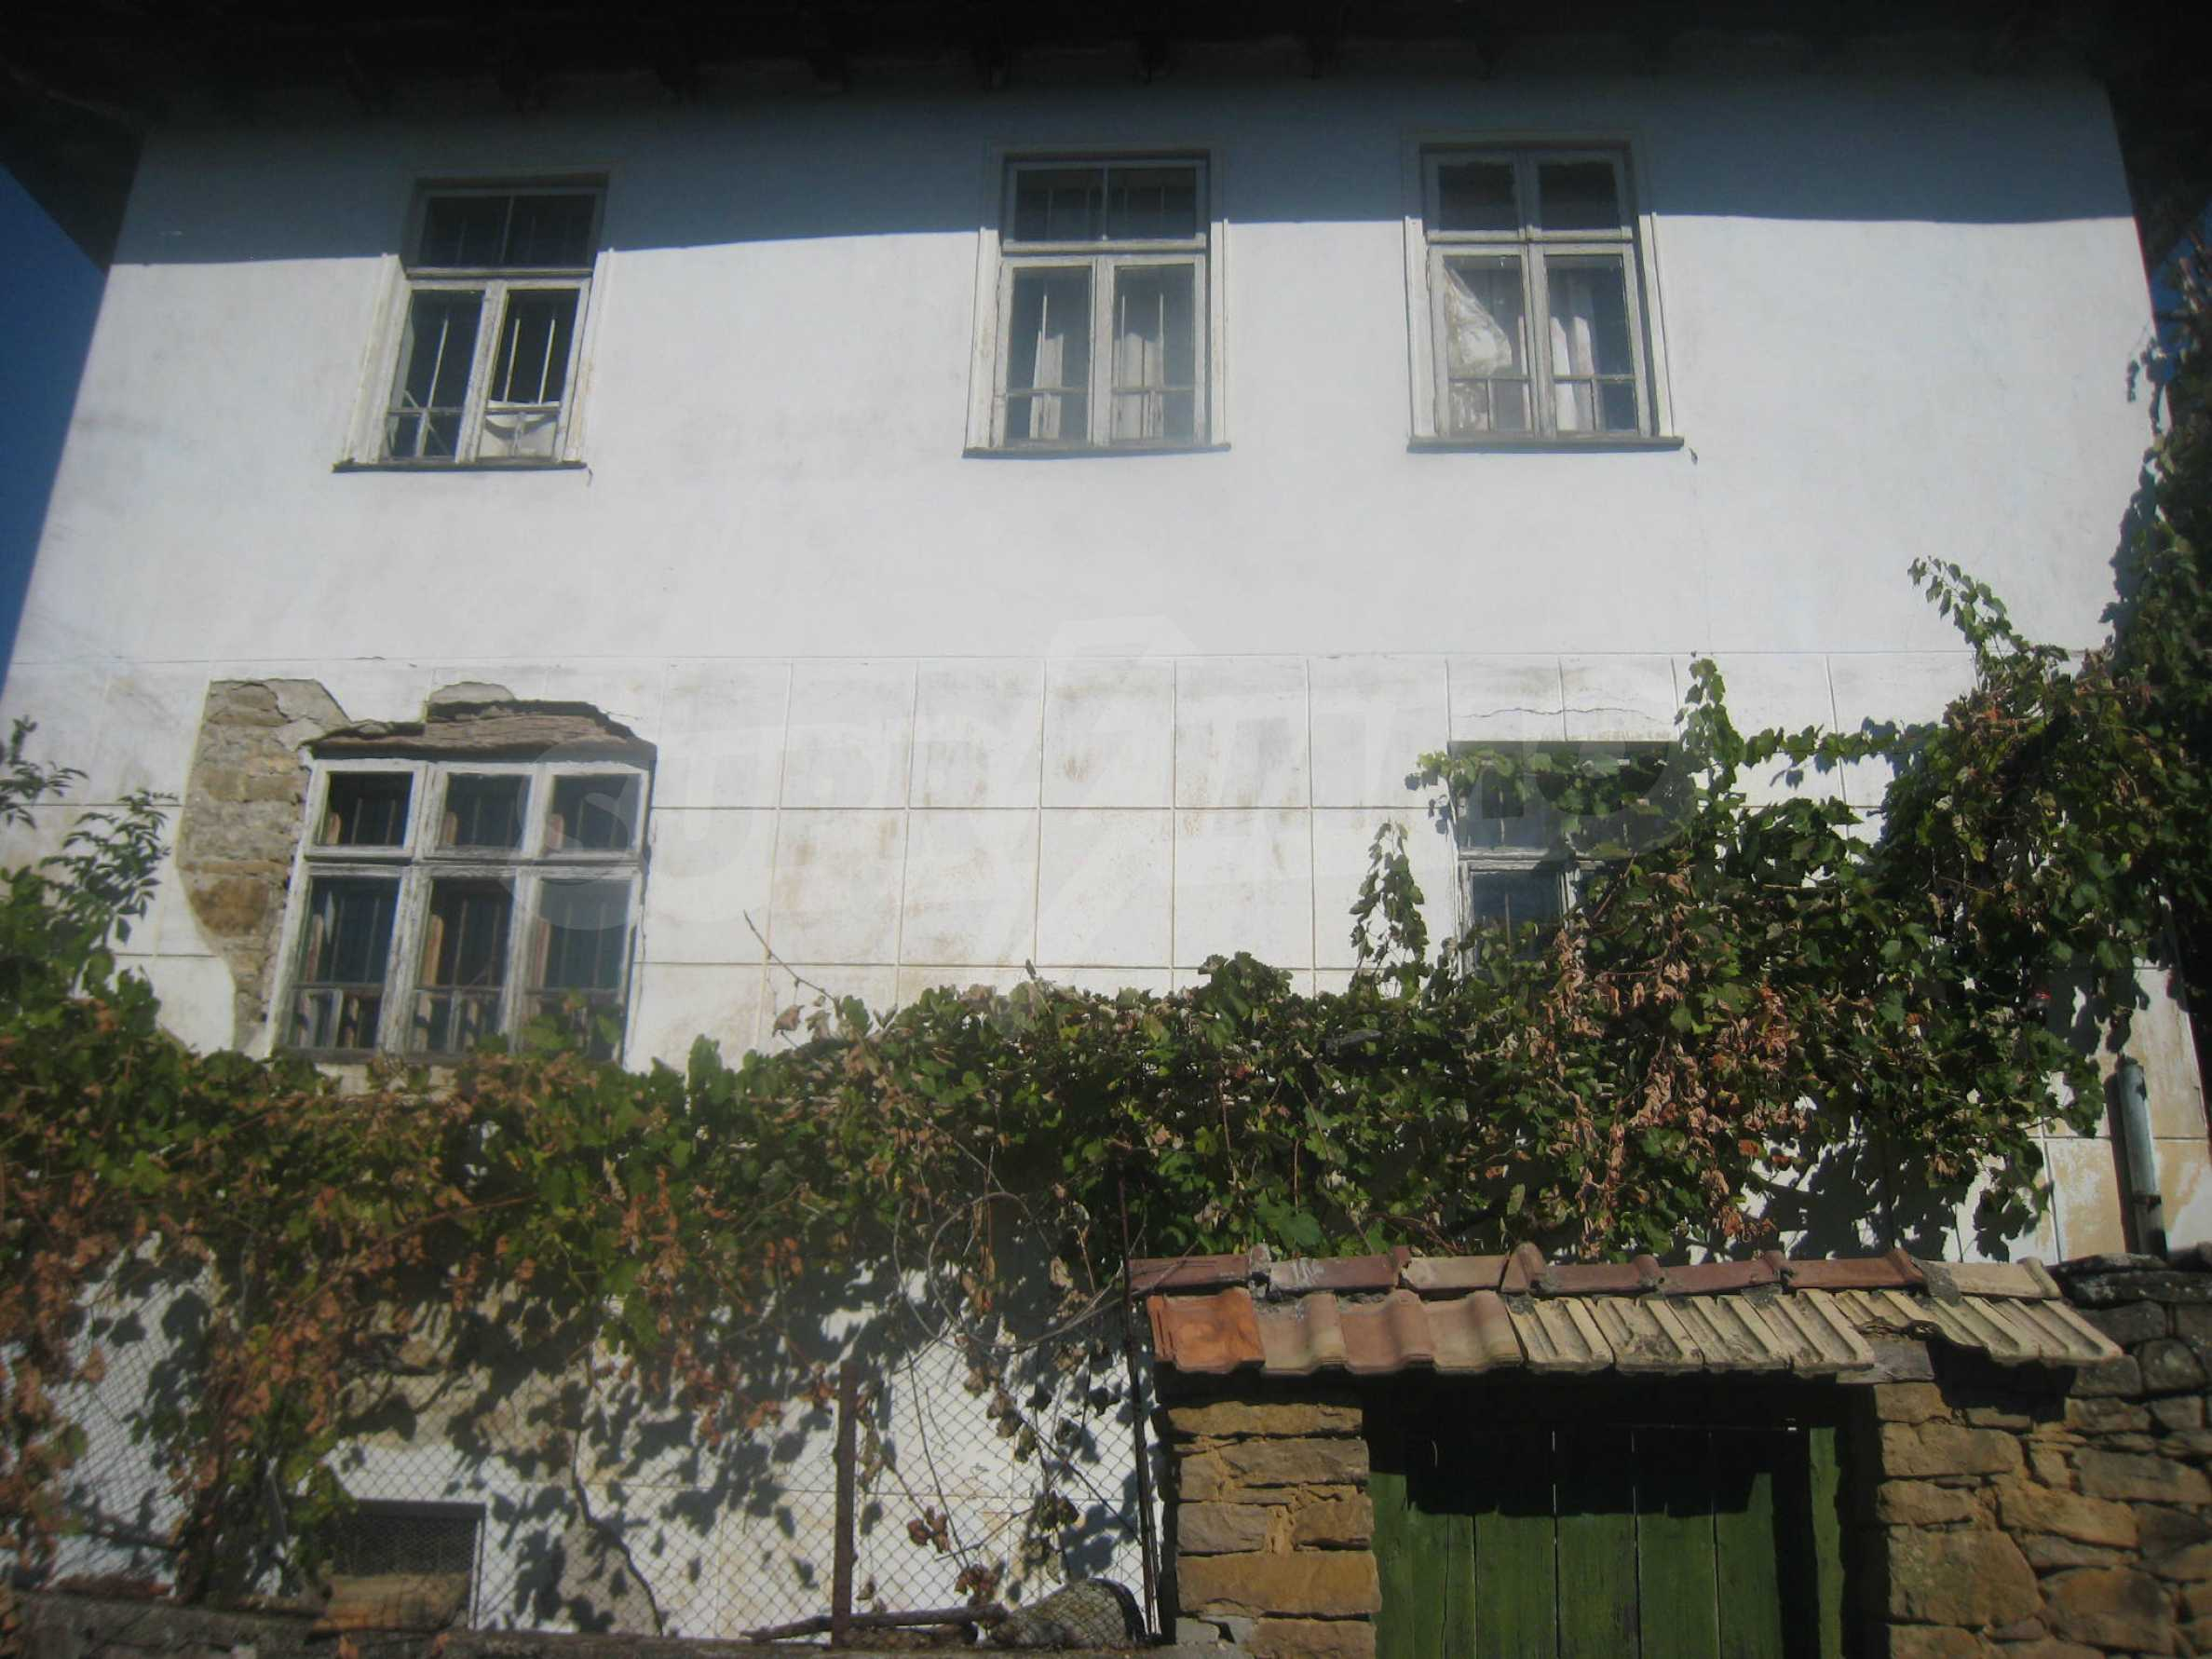 Traditionelles bulgarisches Haus in einem Dorf 9 km von Gabrovo entfernt 2